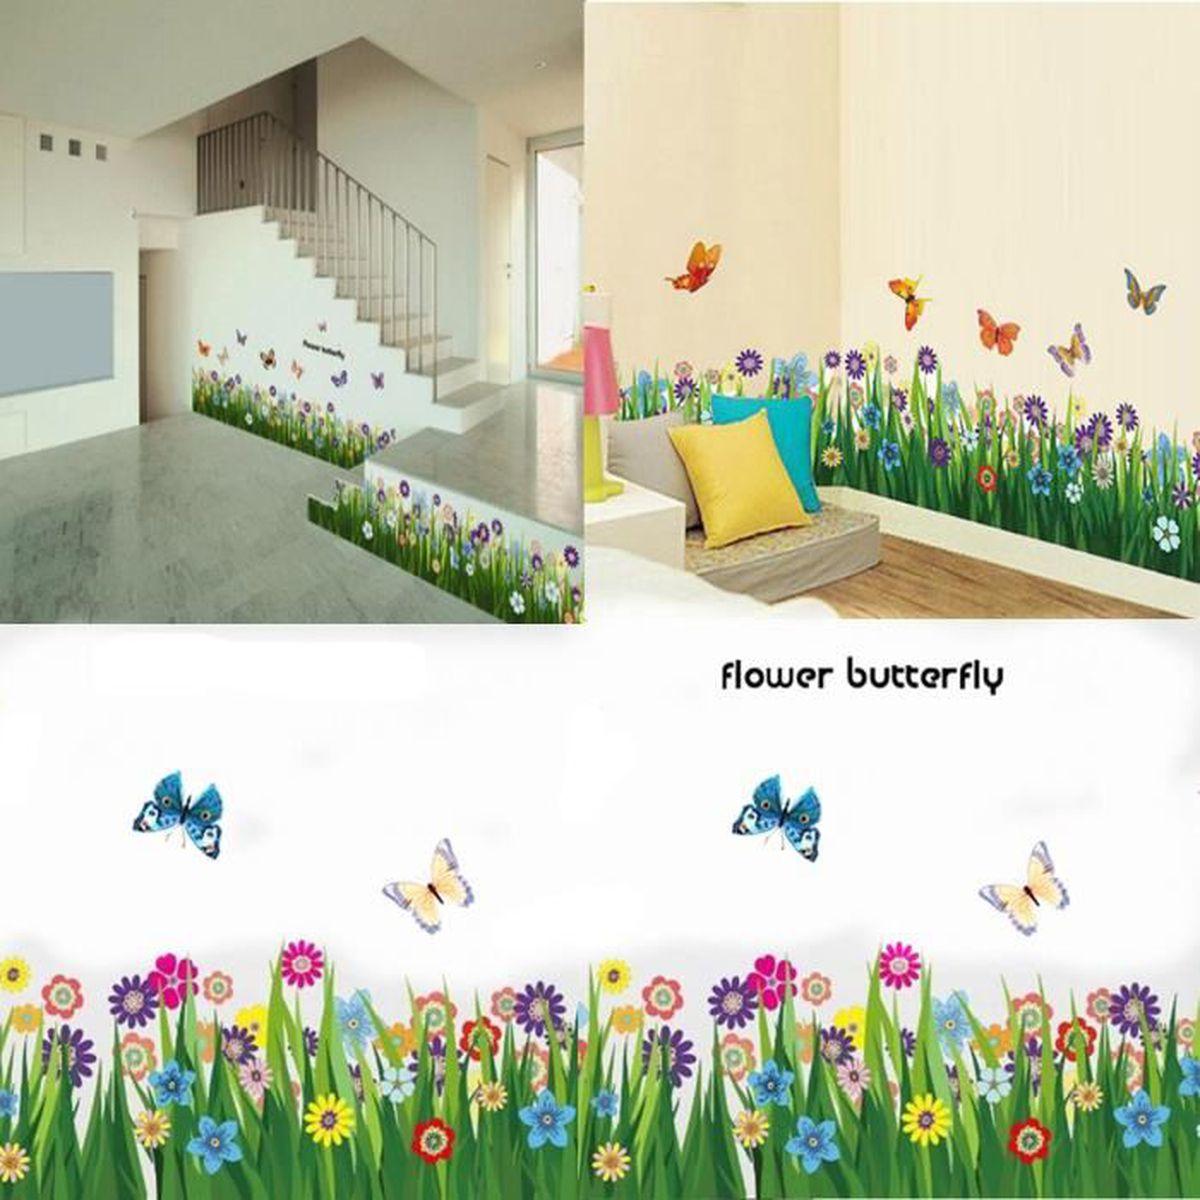 Deco Jungle Chambre Adulte diy fleur papillon mur sticker autocollant mural chambre salon enfant  d�coration